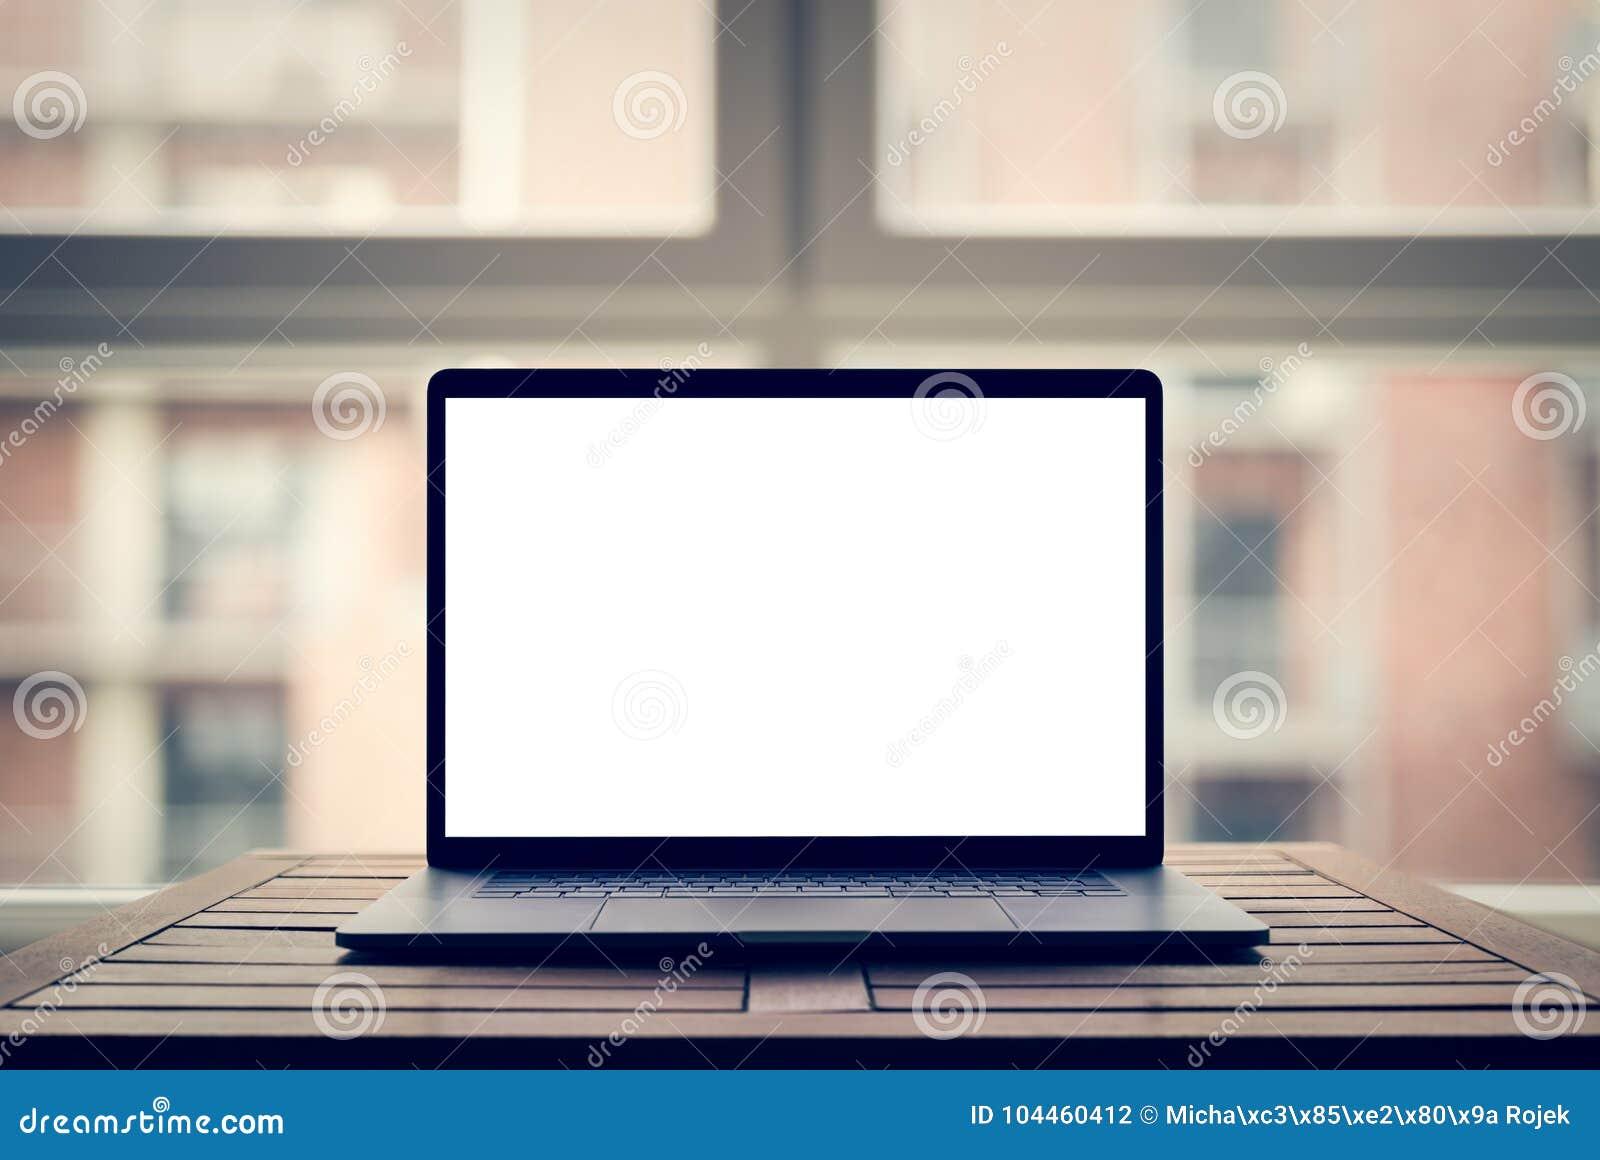 Ordenador portátil con la pantalla en blanco en la tabla en desván moderno